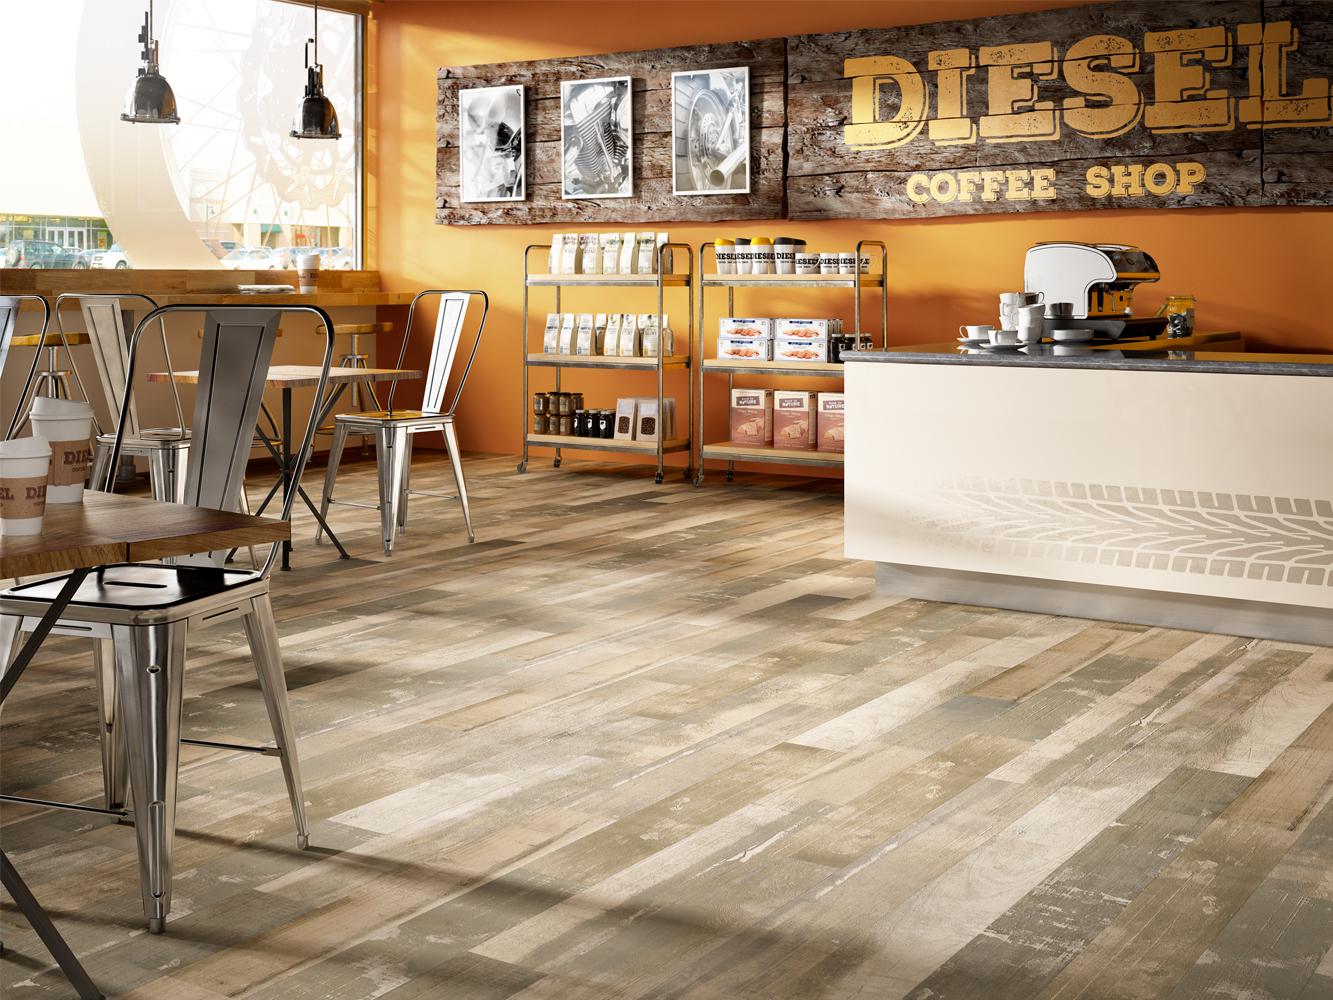 pix-us-cg-diesel-coffee